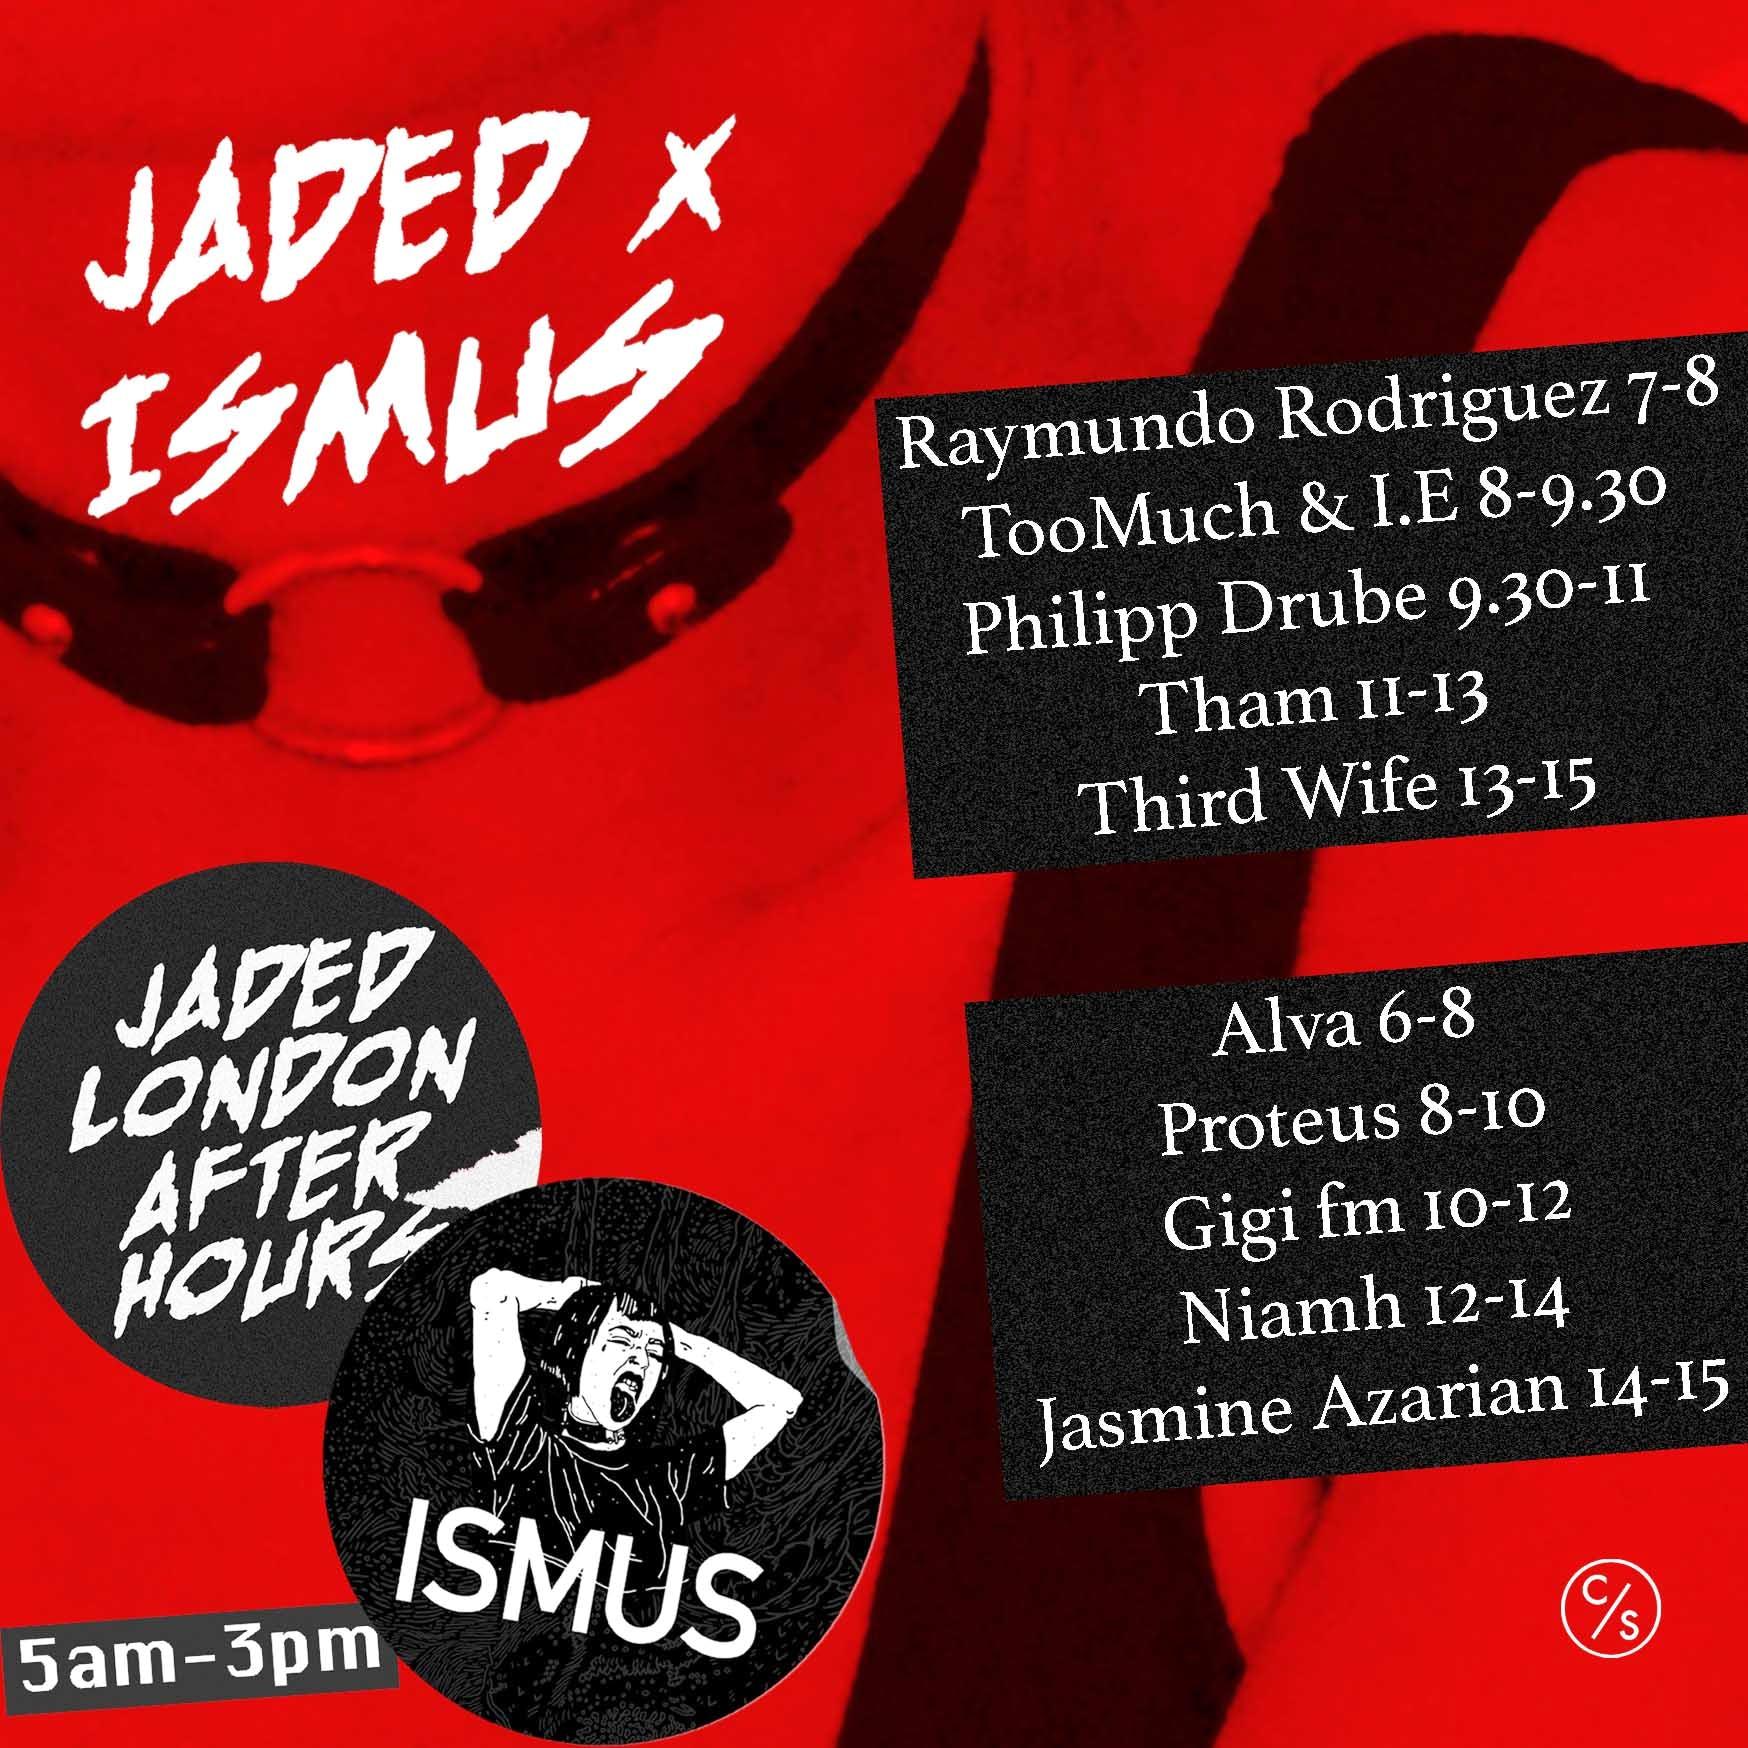 Warning: Ismus Invasion.